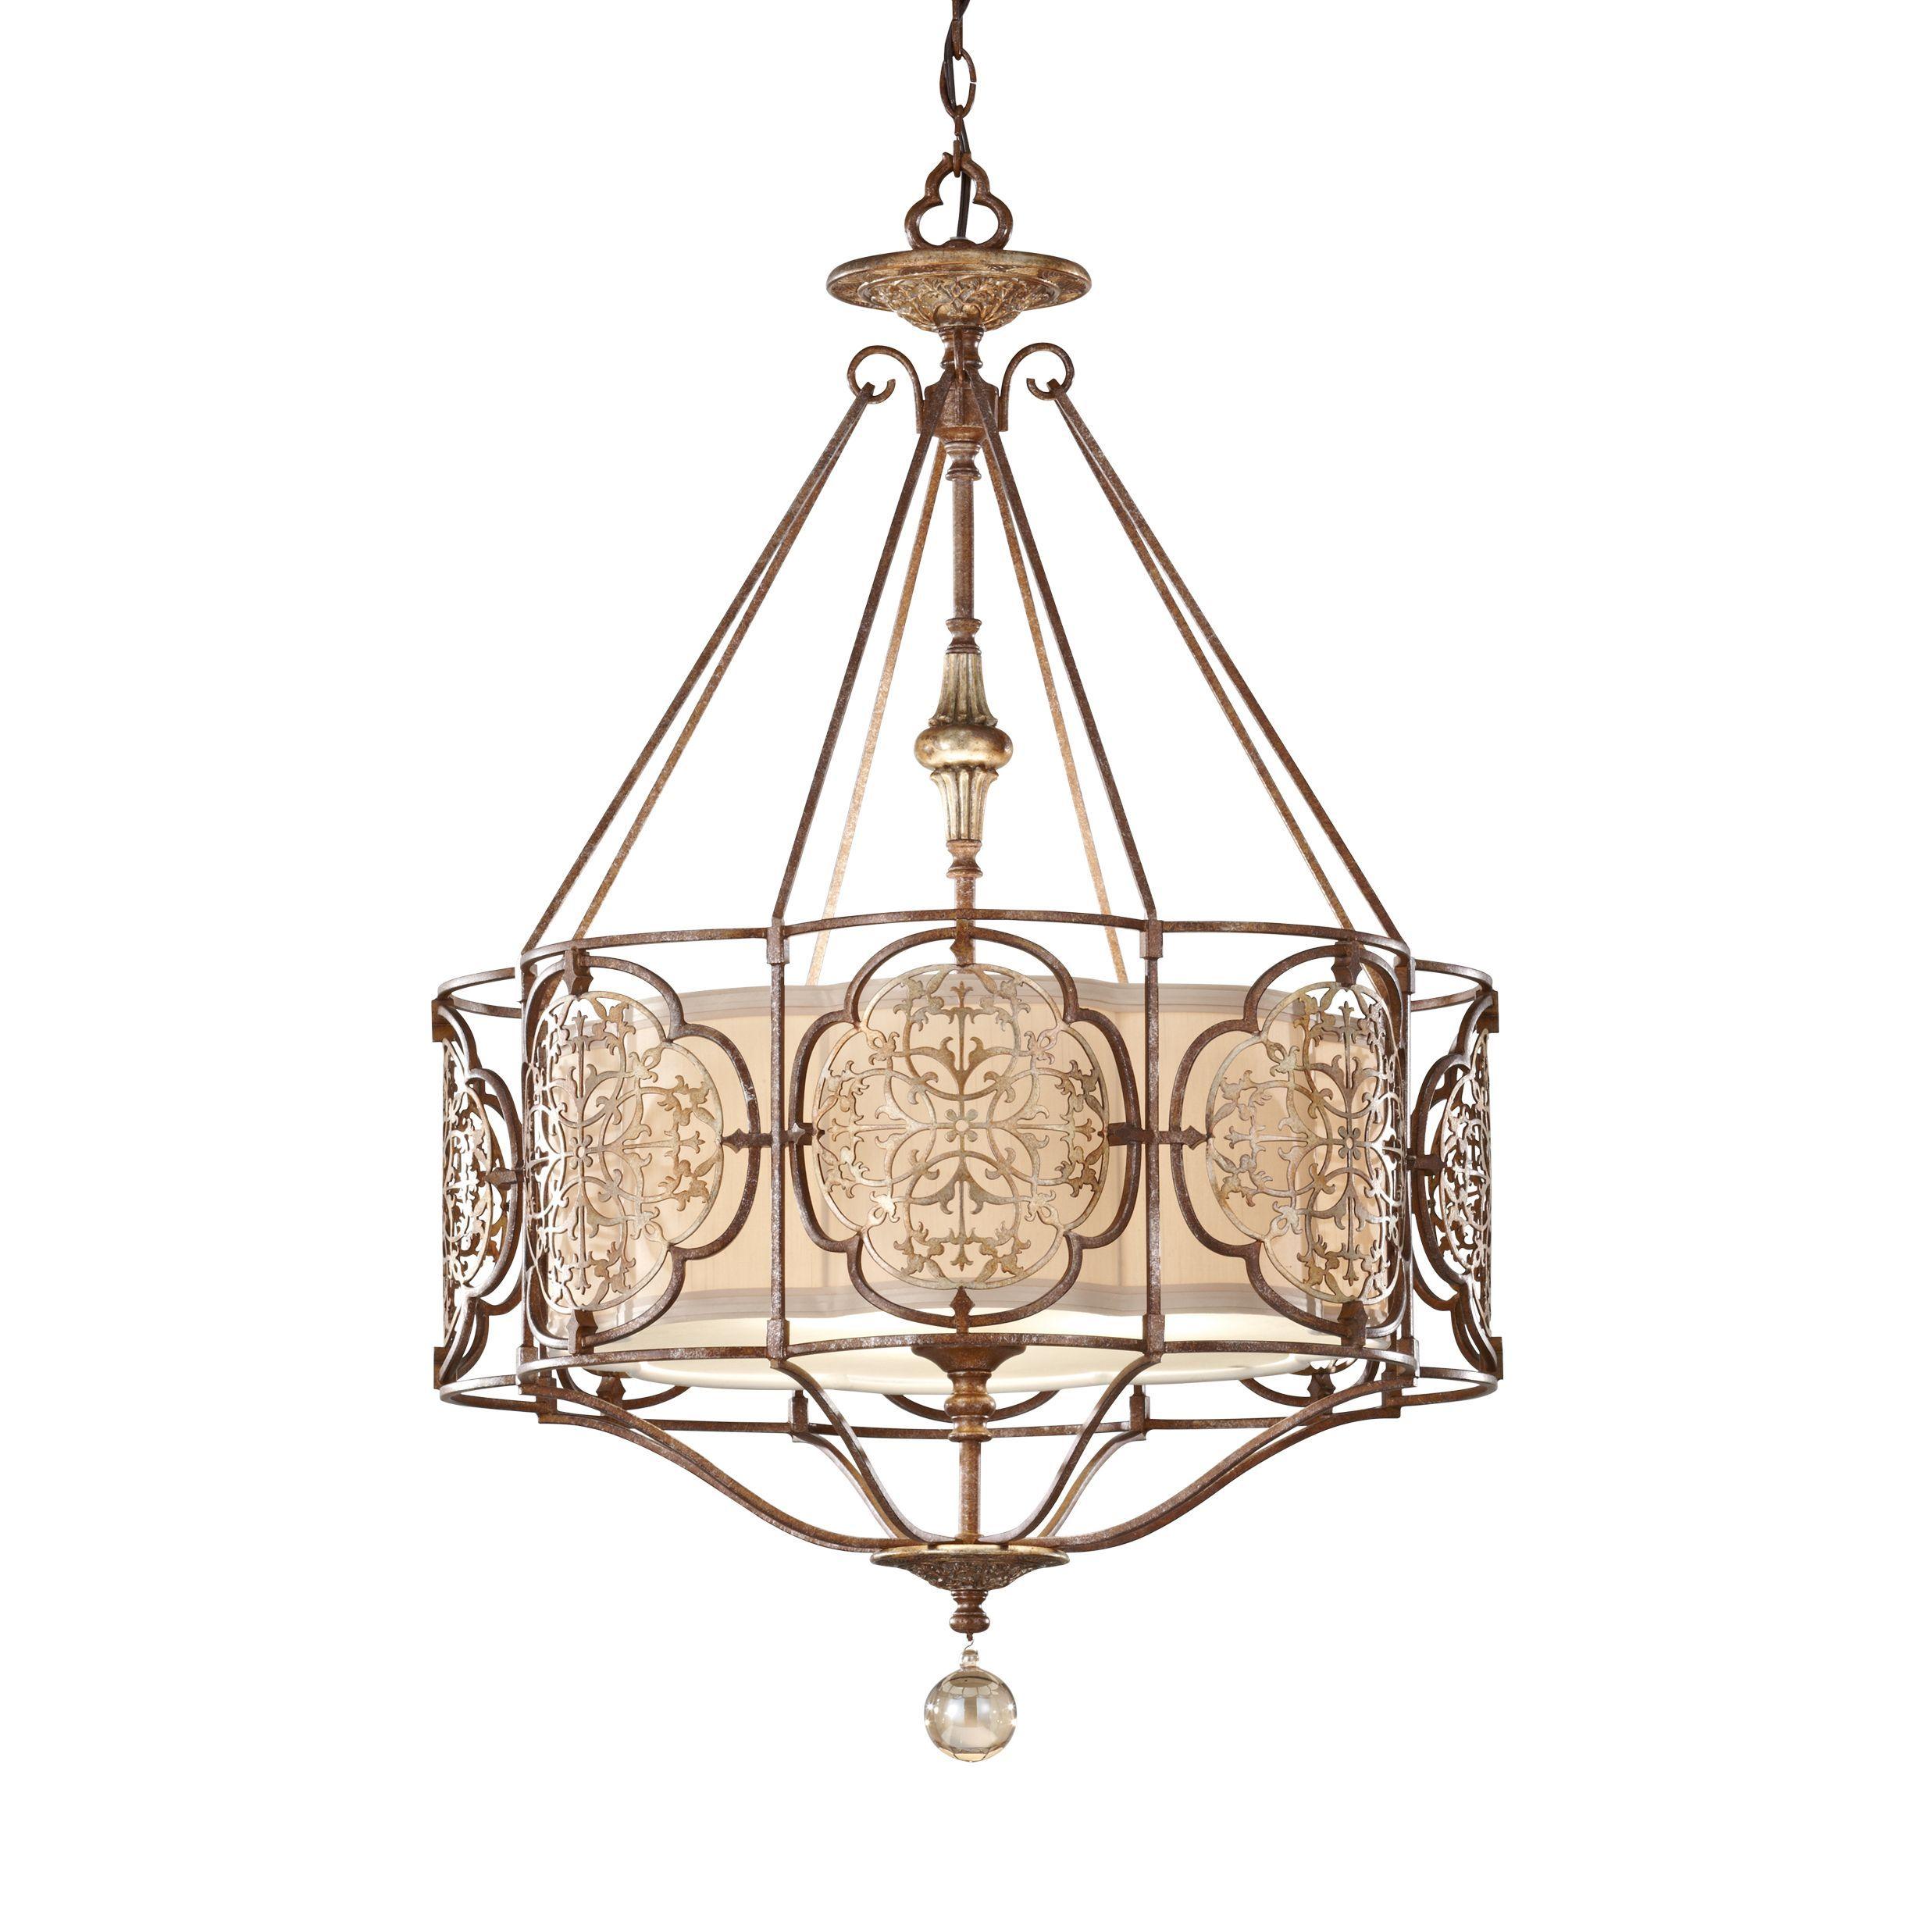 Feiss Marcella 3 Light British Bronze Oxidized Home Decor